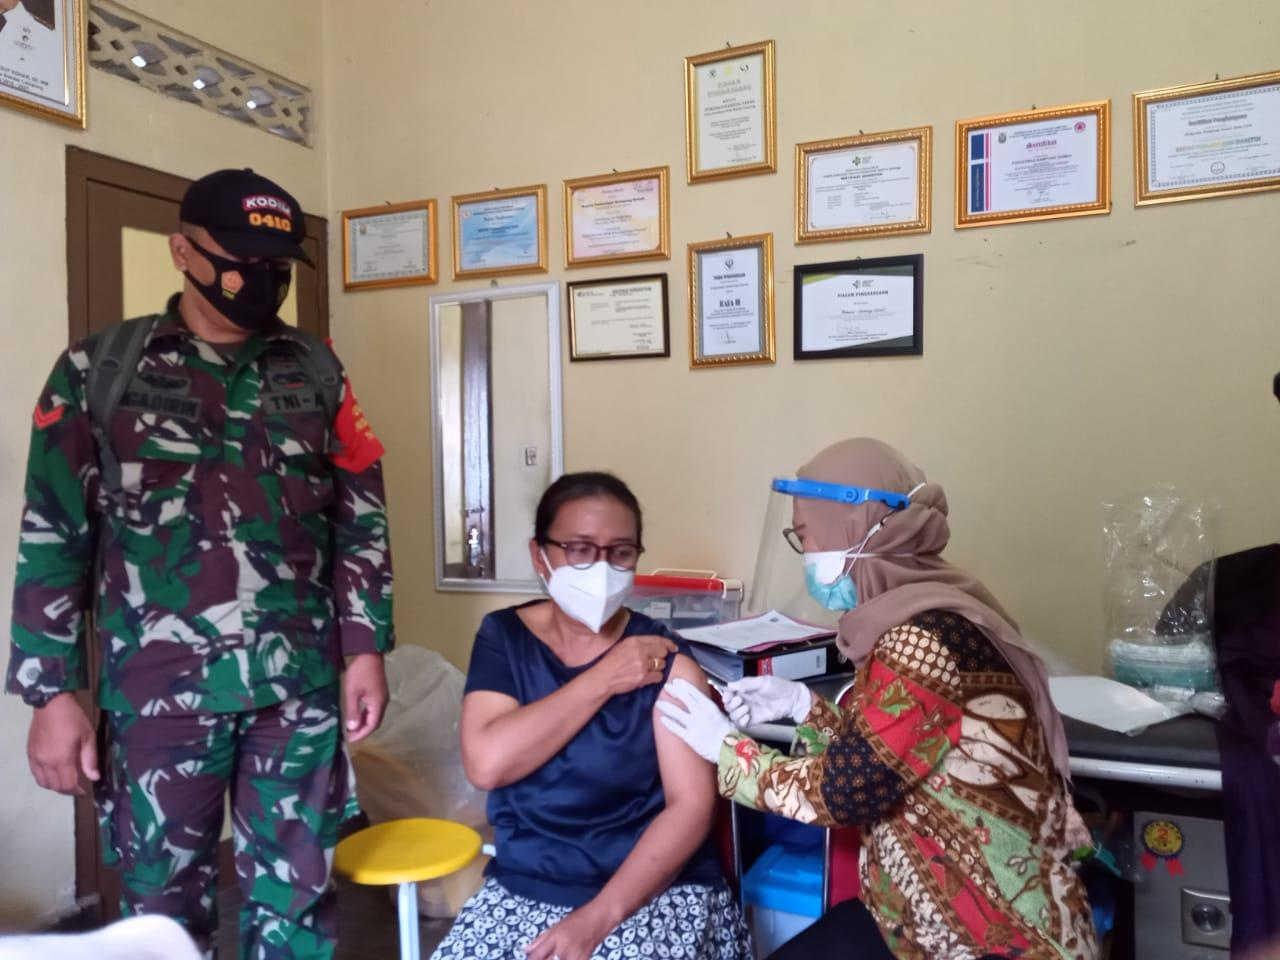 Kodim 0410/KBL Koptu Ngadirin bersama dengan Bhabinkamtibmas memonitor pelaksanaan kegiatan Vaksinasi Sinovac yang bertempat di Puskemas Kampung Sawah